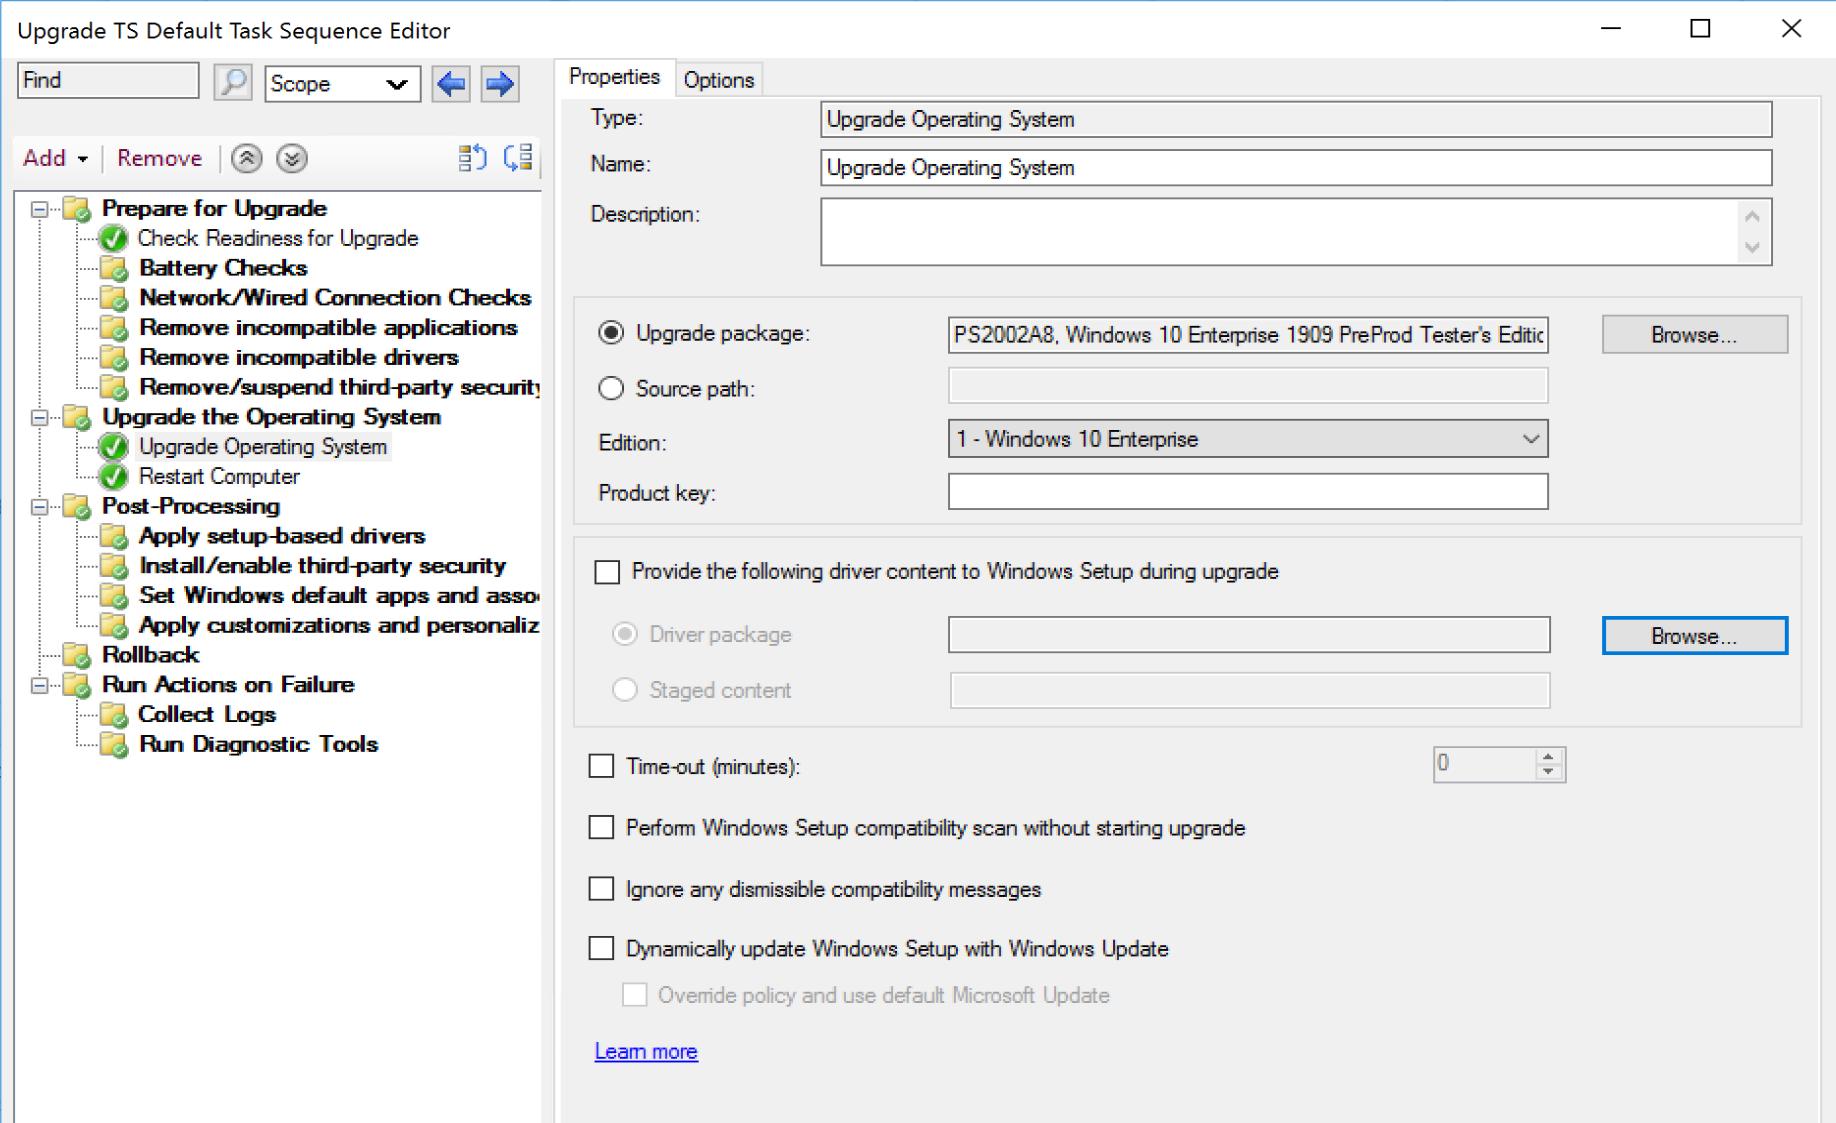 Upgrade OS Image 1